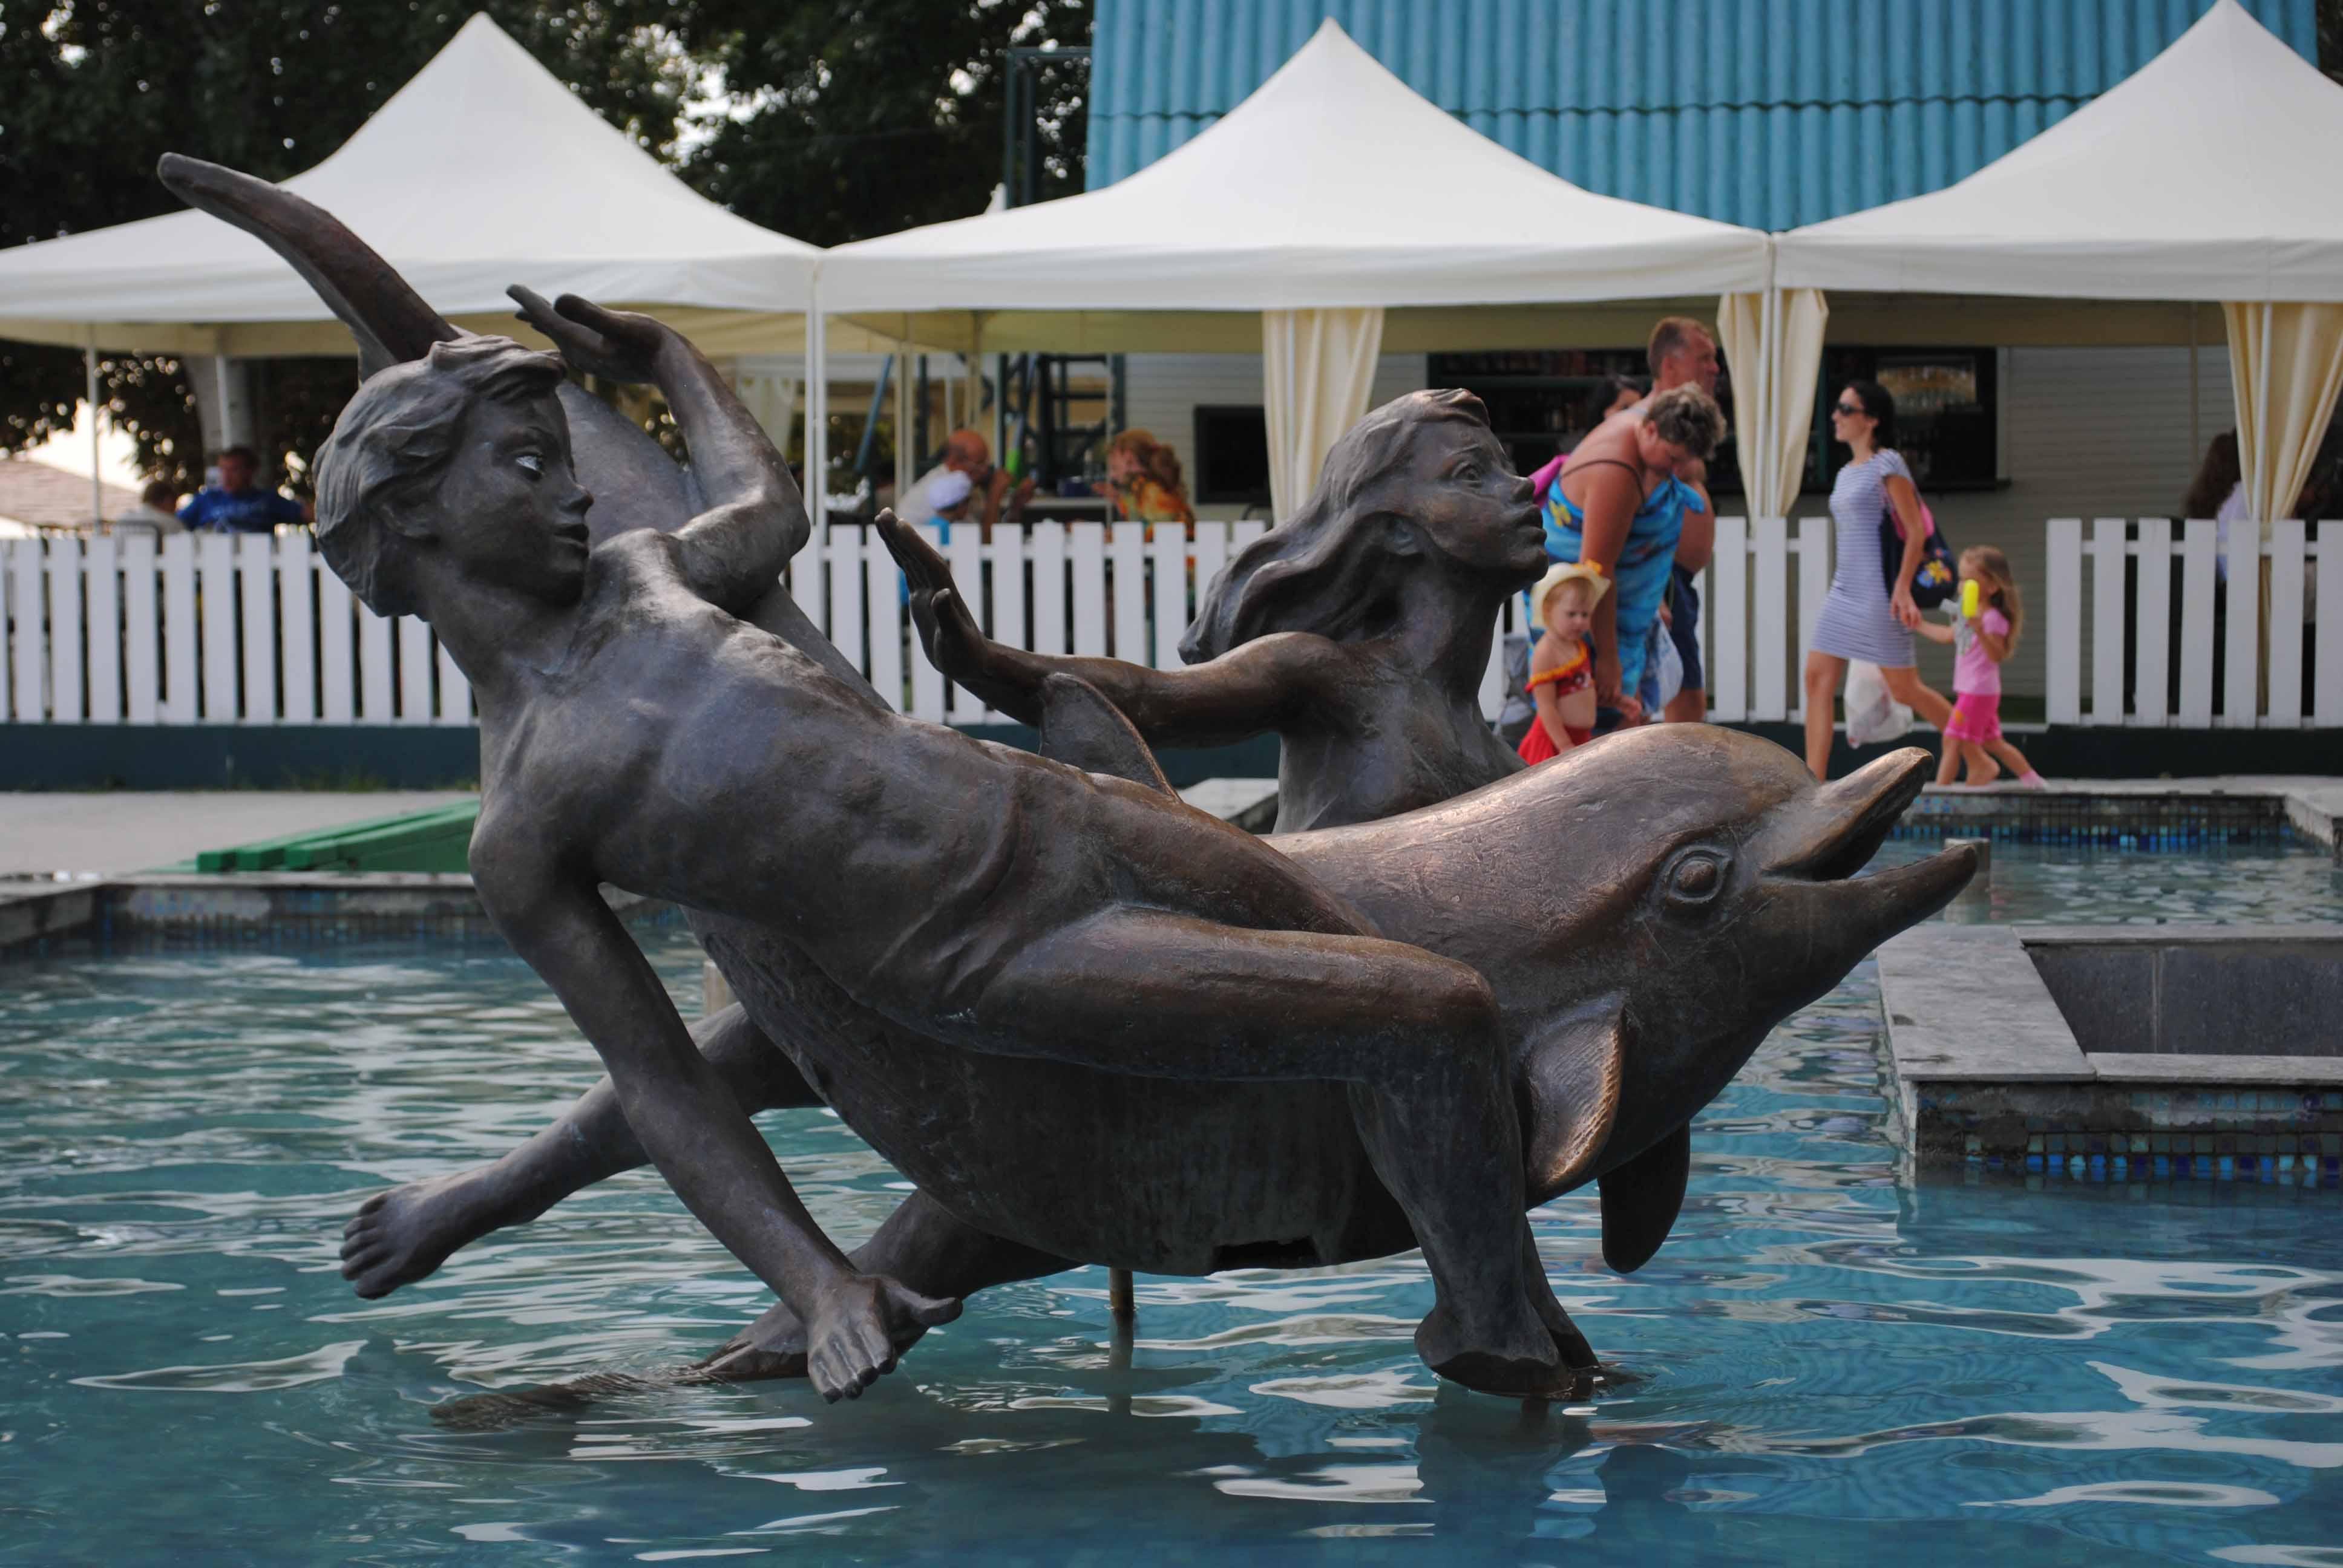 Бронзовая скульптура в Скадовске